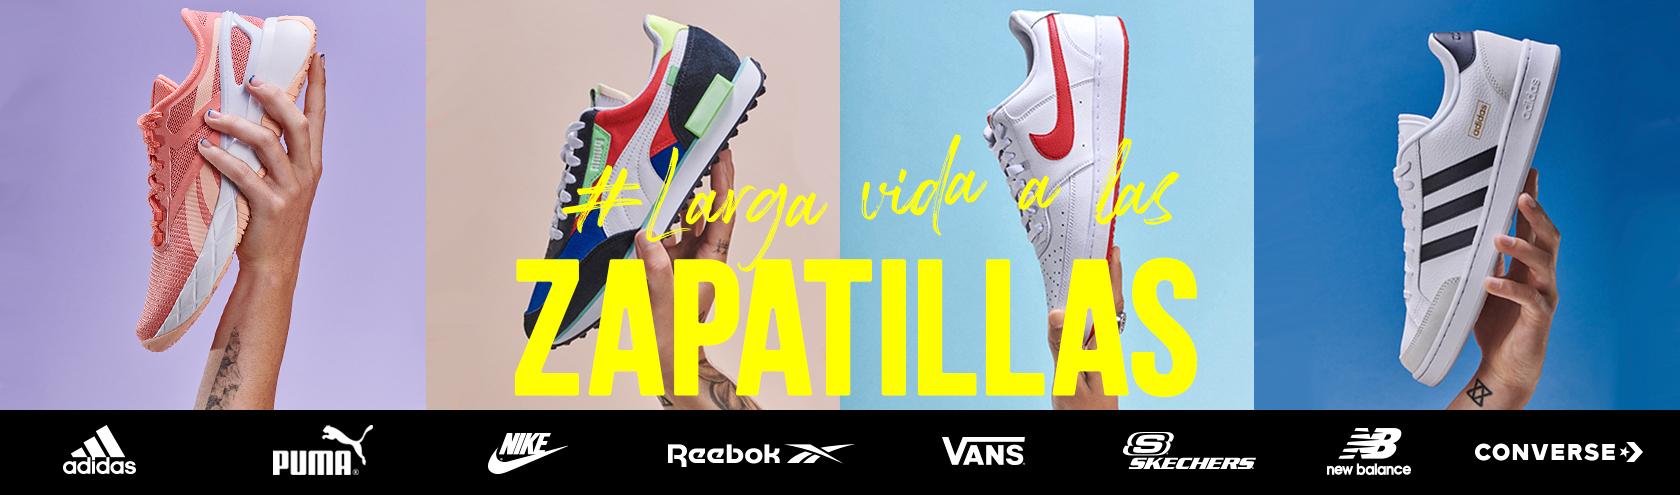 #Larga vida a las Zapatillas